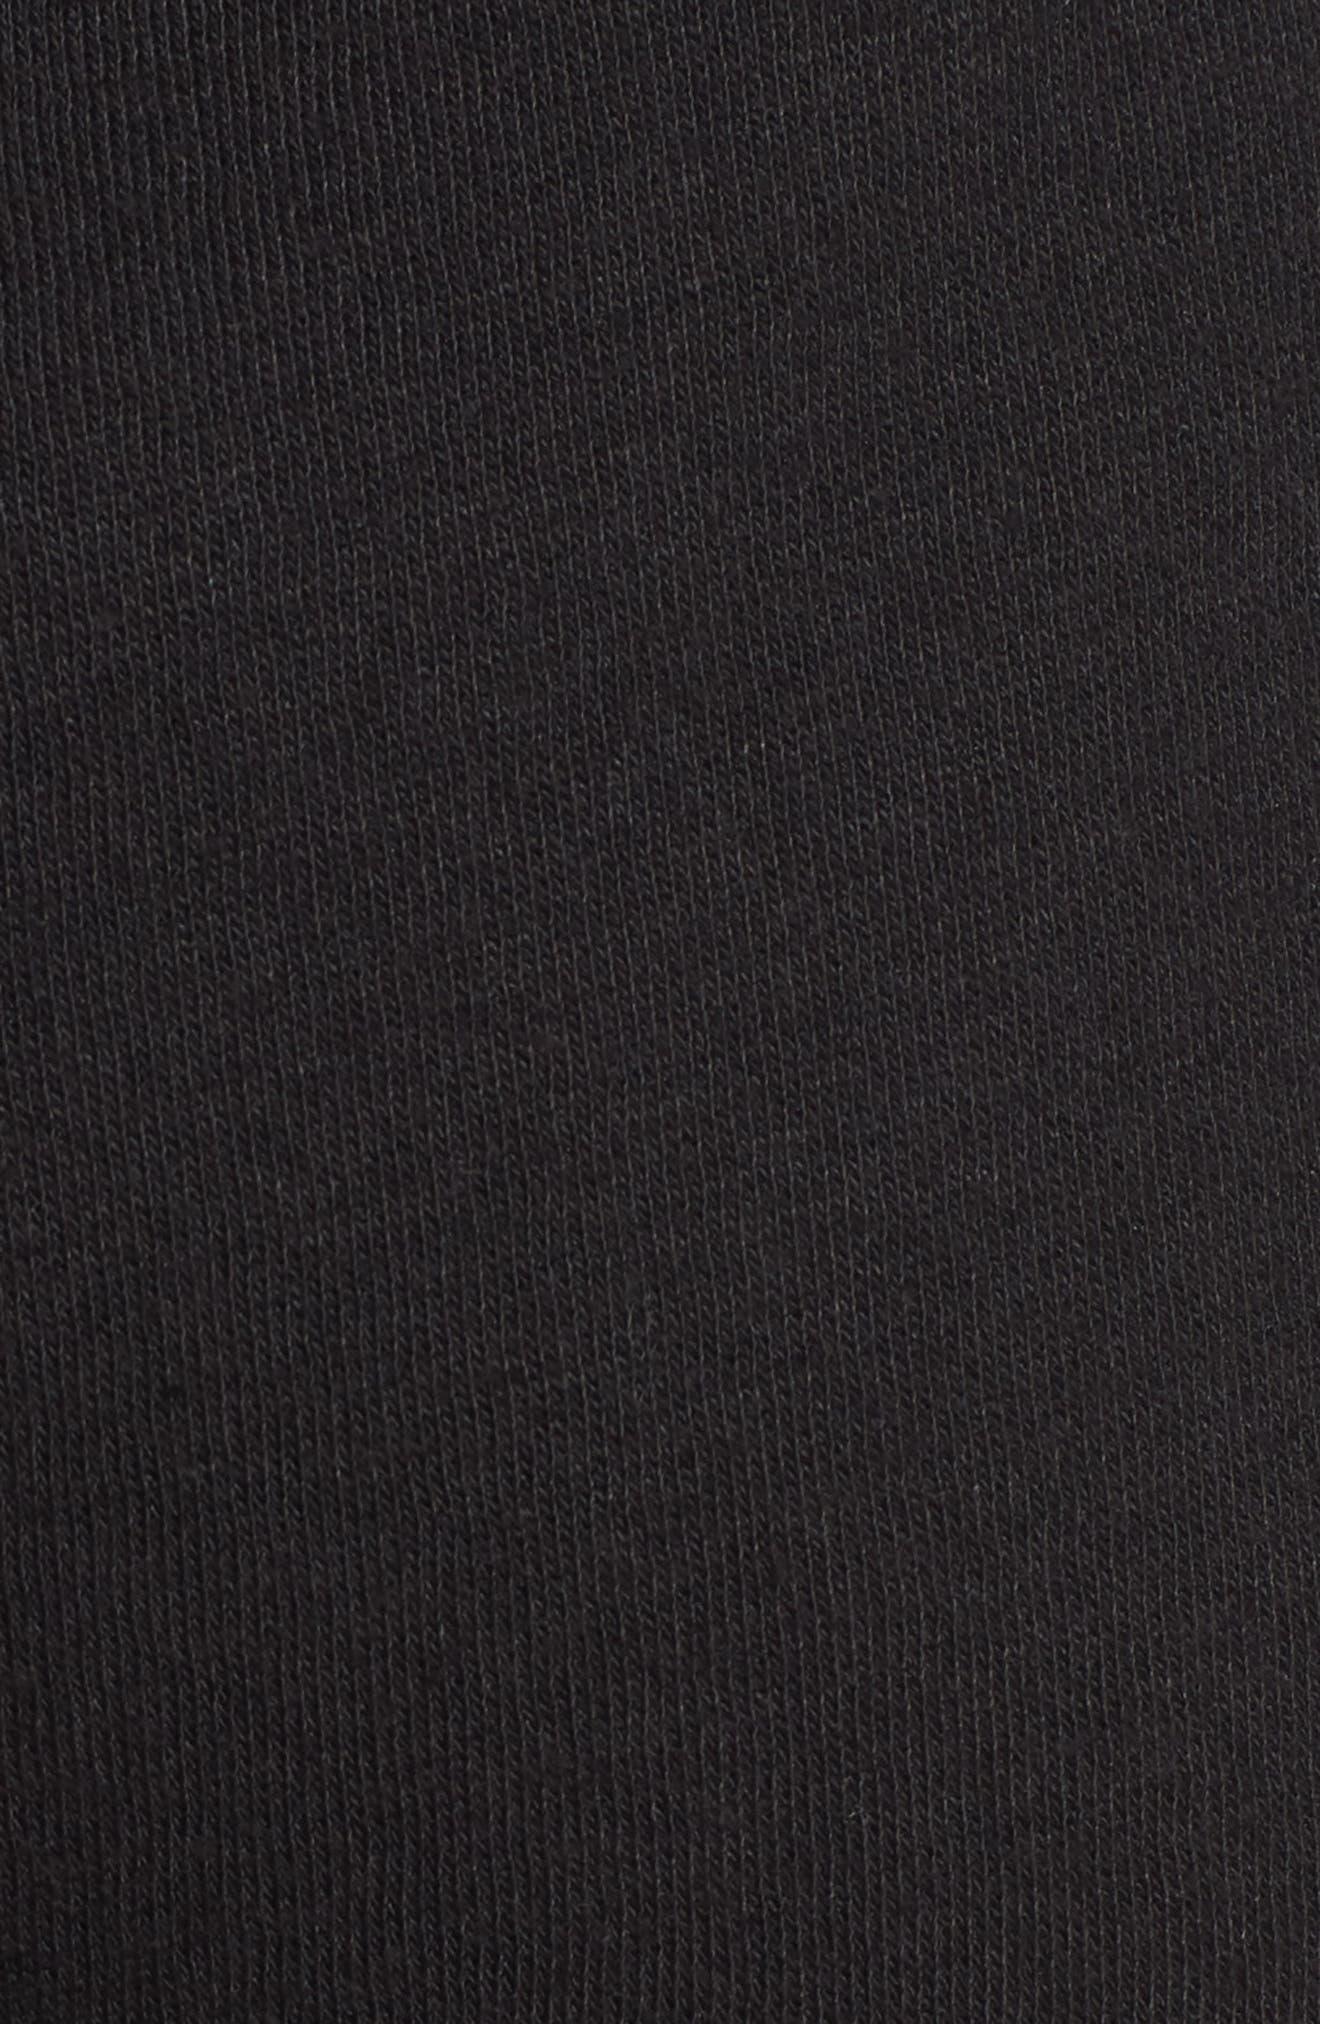 Gym & Tonic Crop Sweatpants,                             Alternate thumbnail 6, color,                             Black